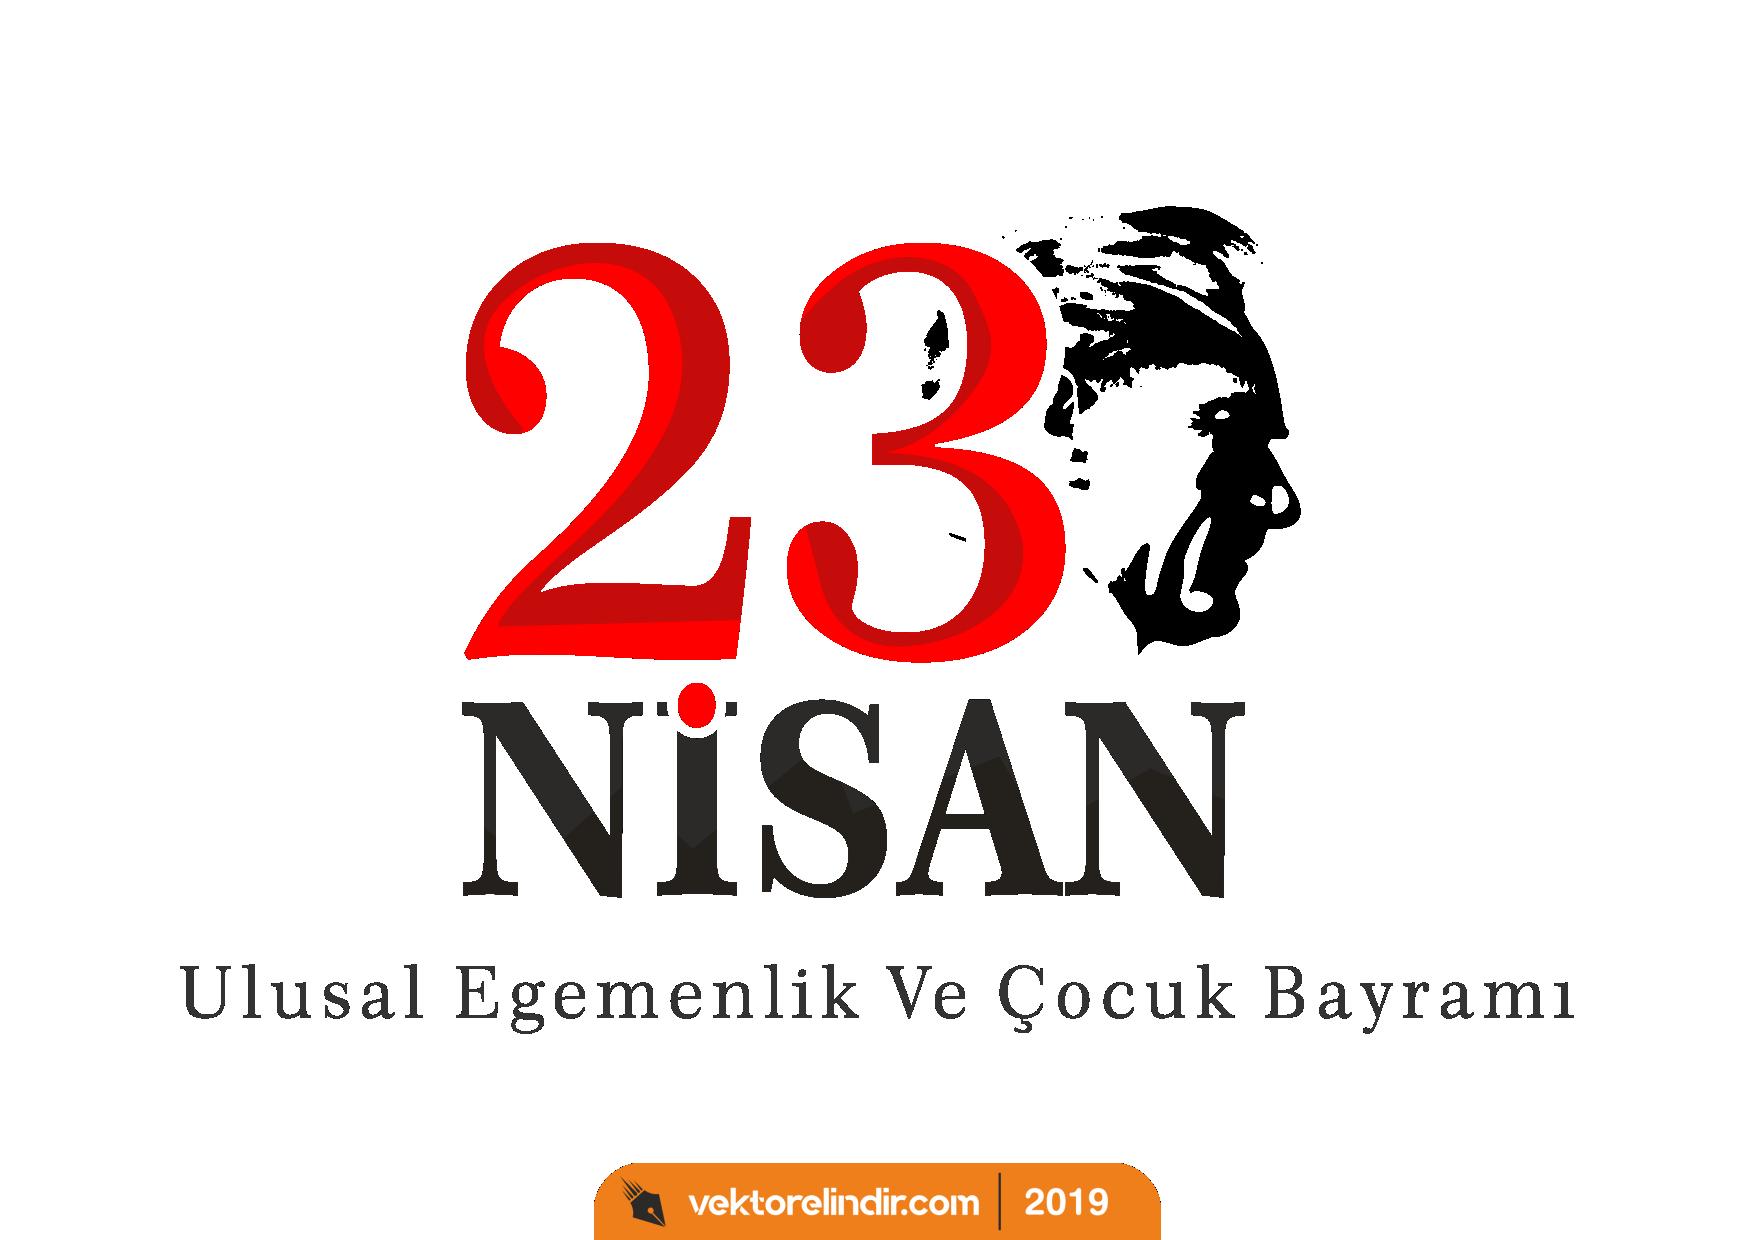 23 Nisan Ulusal Egemenlik ve Çocuk Bayramı 2_1